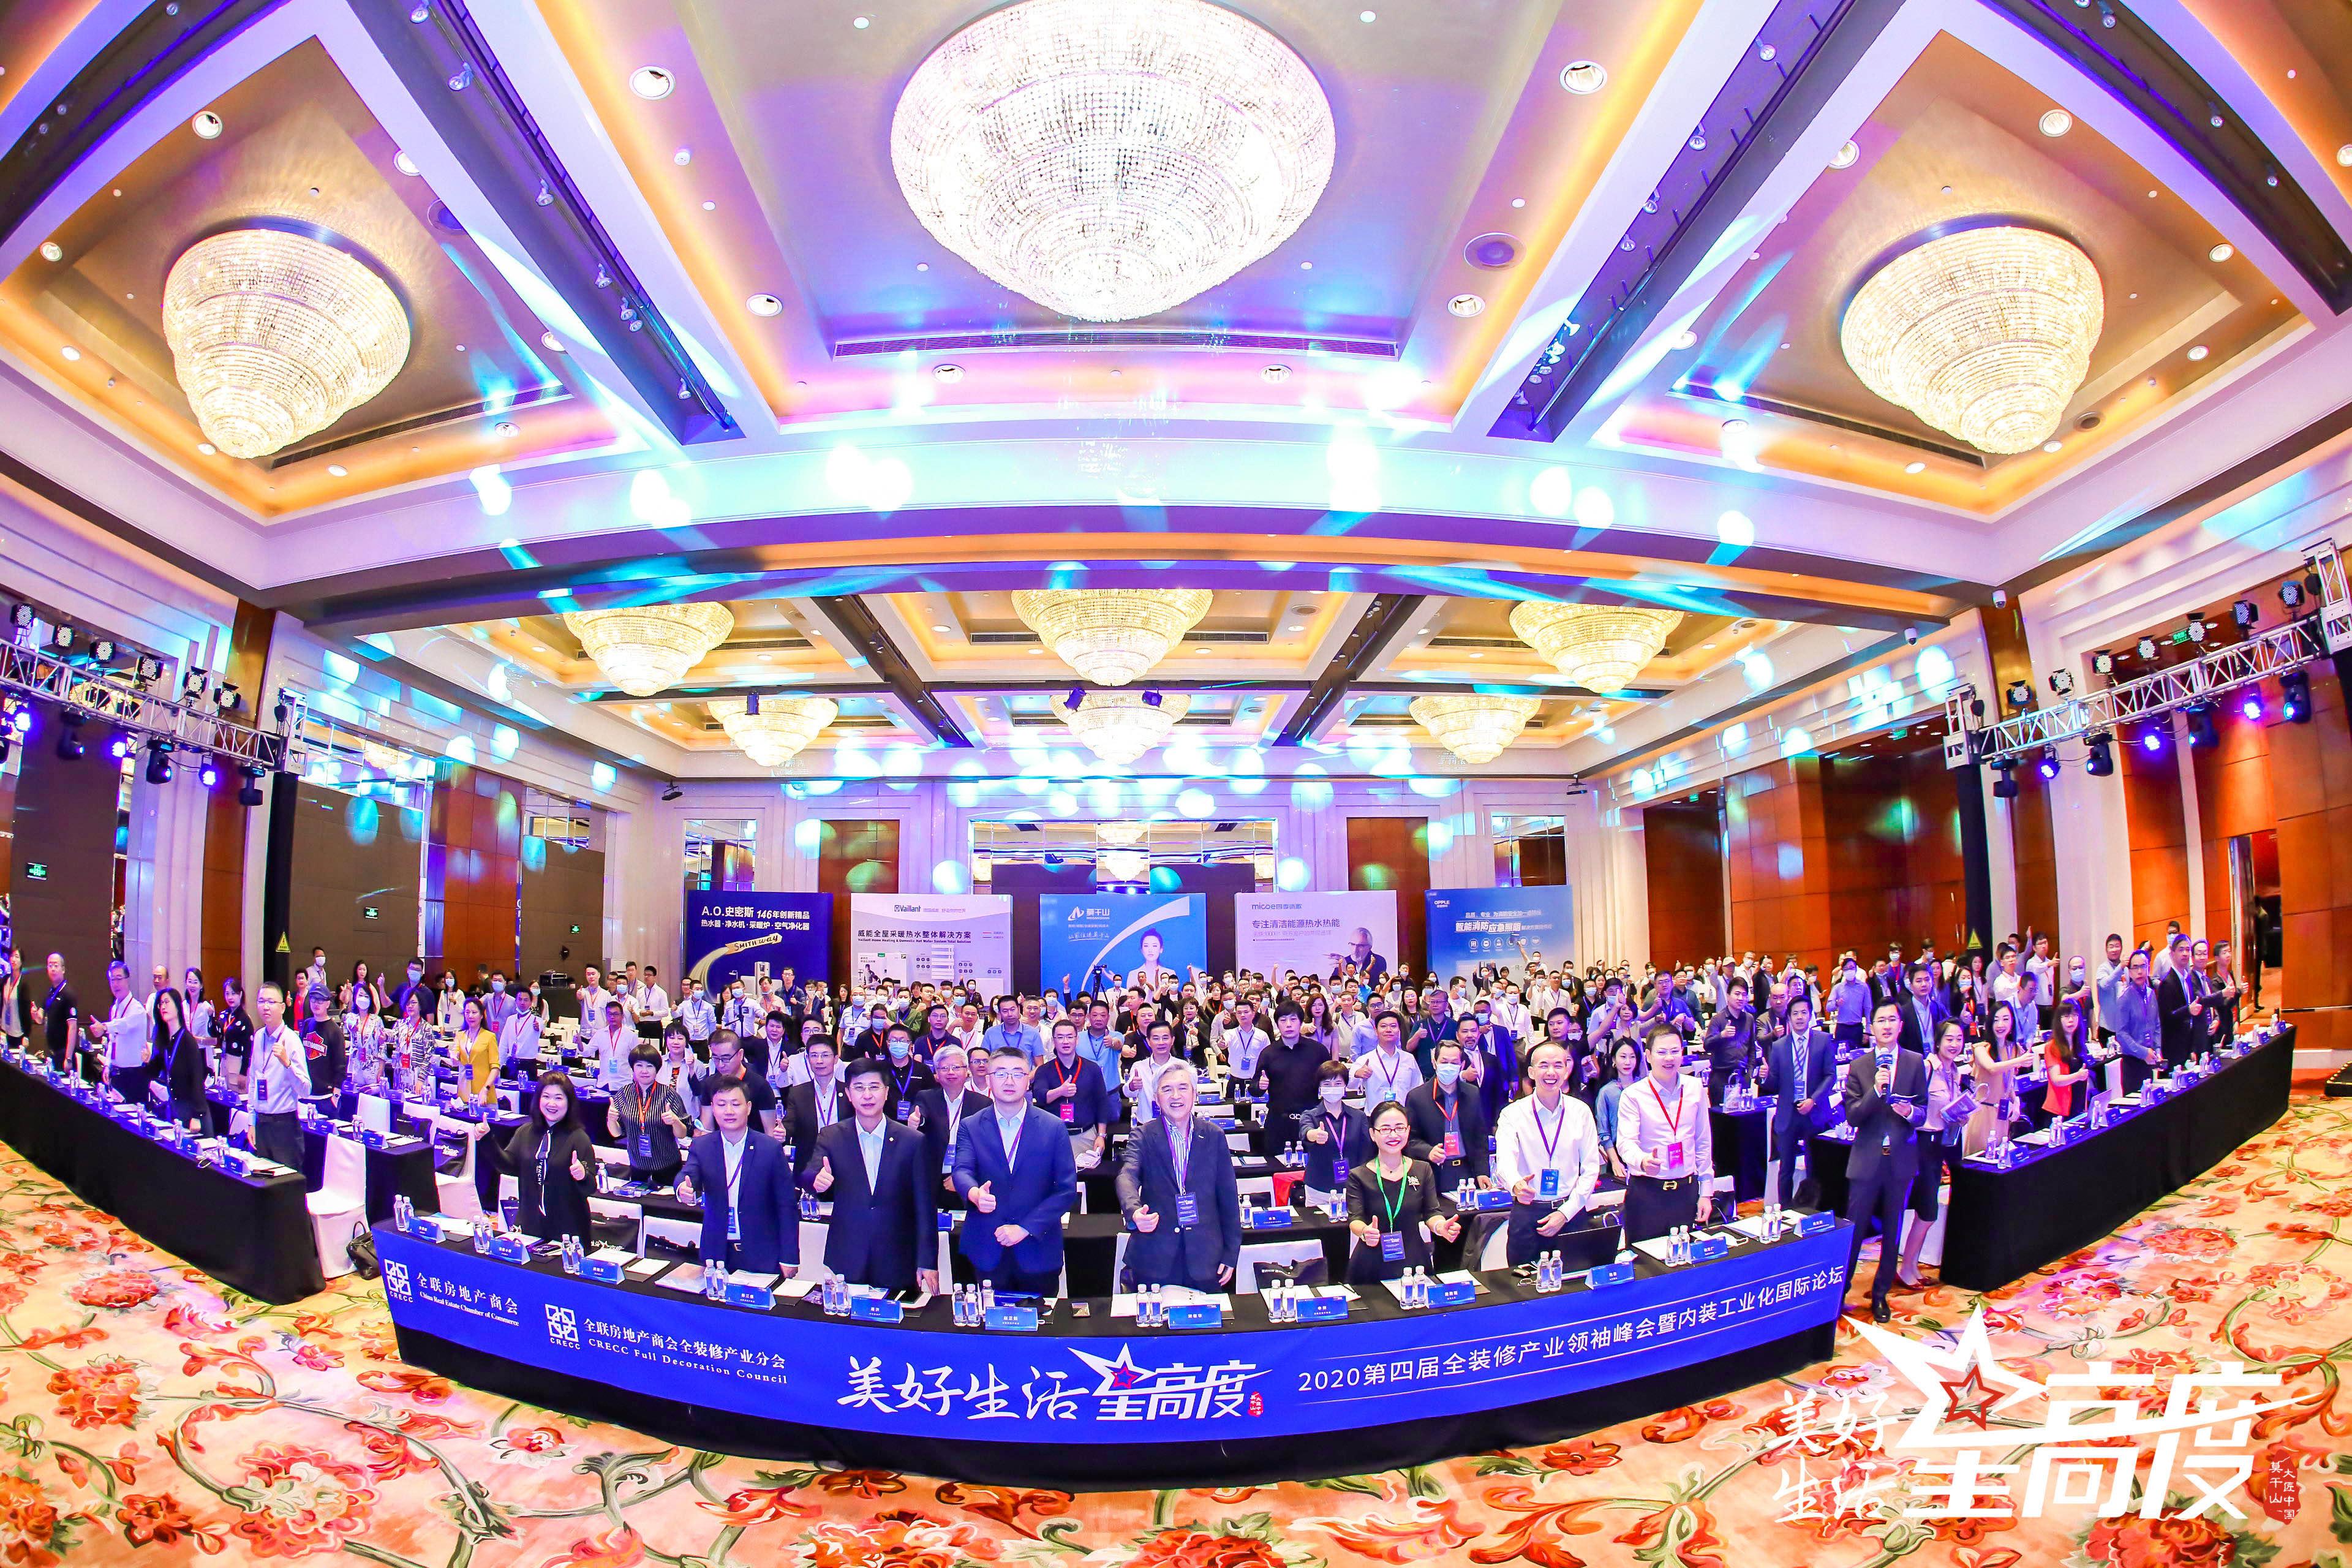 美好生活星高度!中国全装修产业的年度盛会成功举办